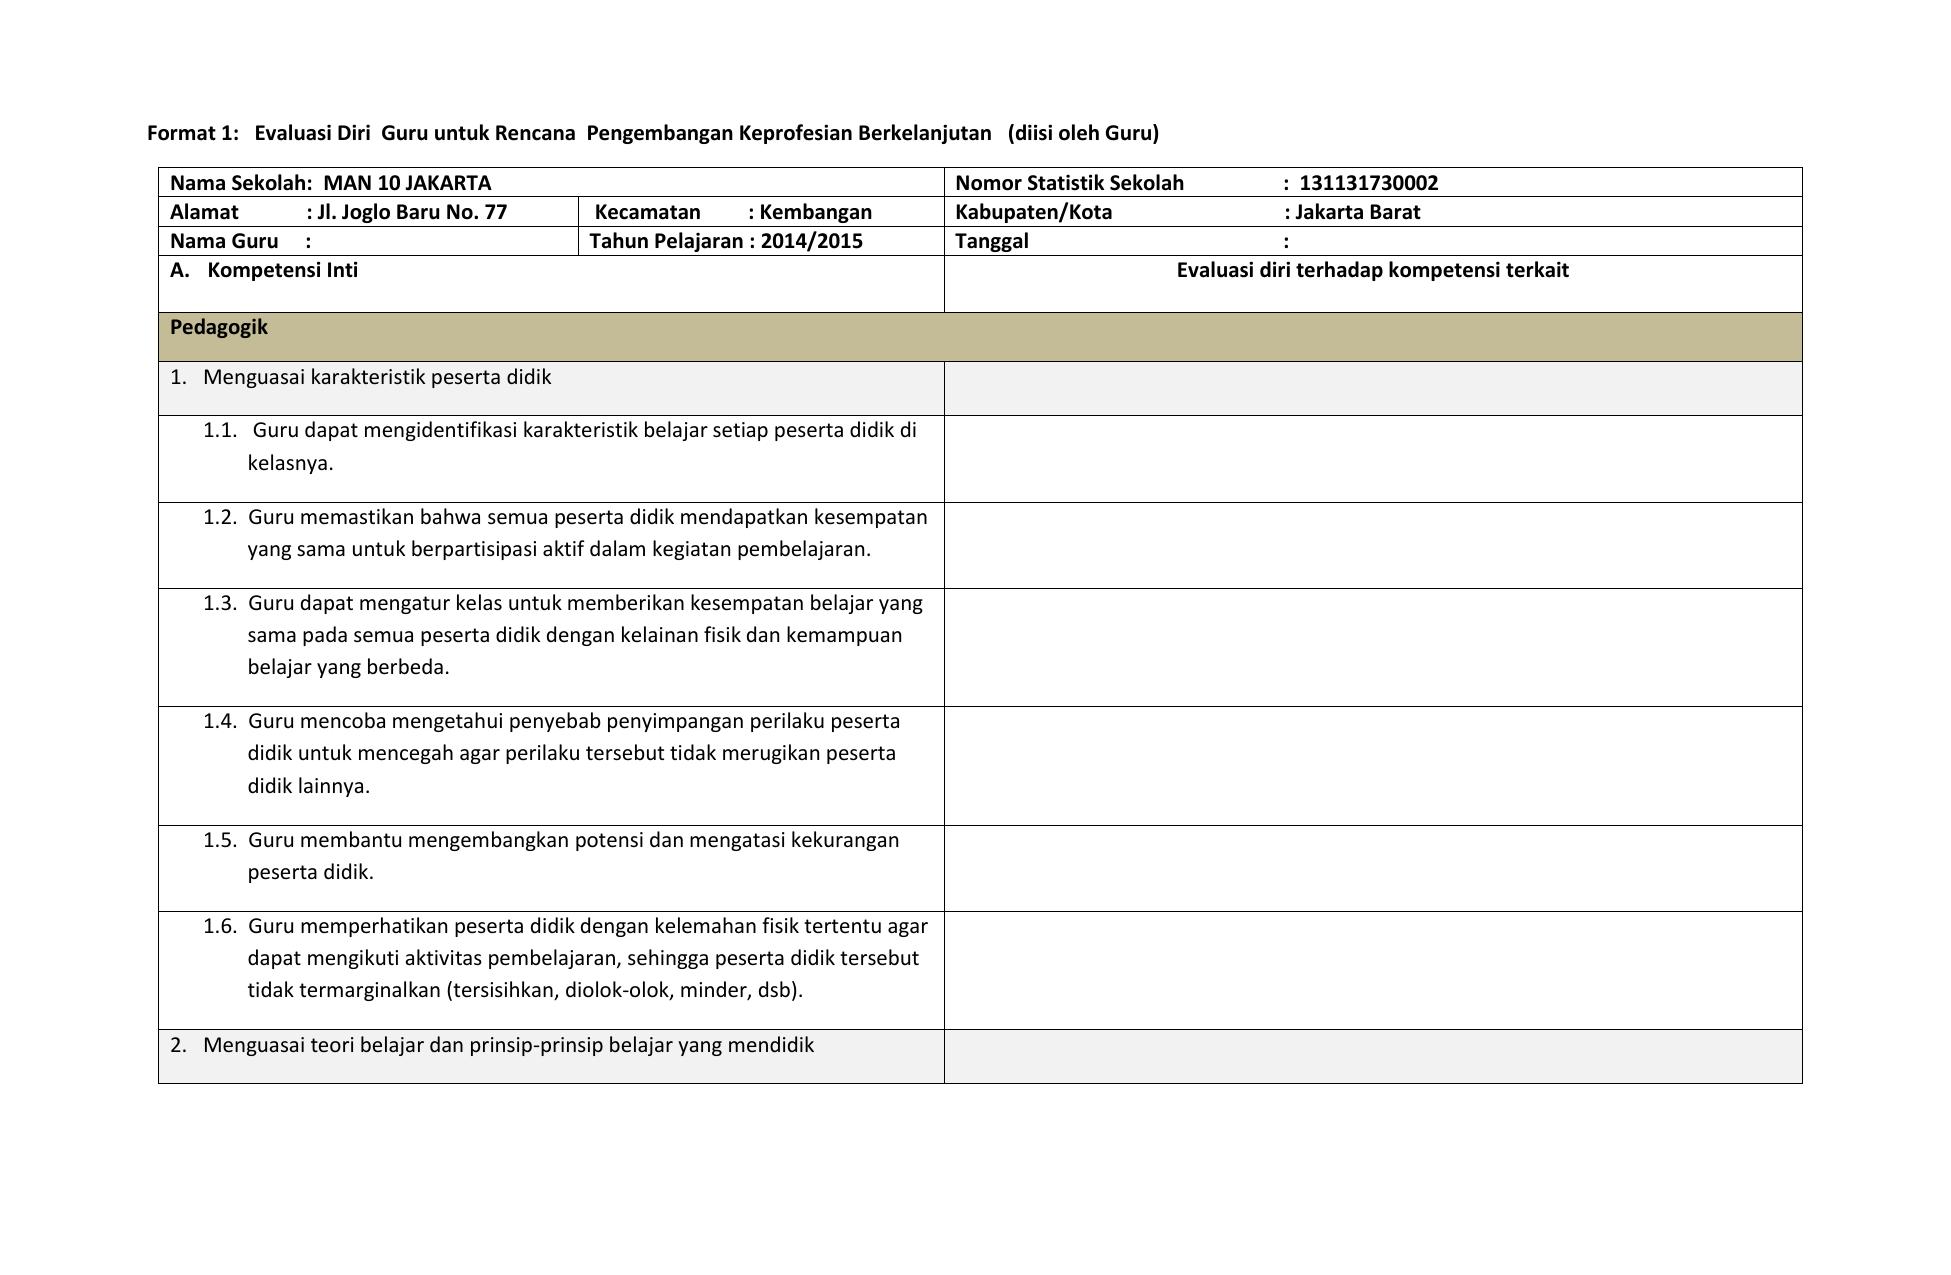 Format 1 Evaluasi Diri Guru Untuk Rencana Pengembangan